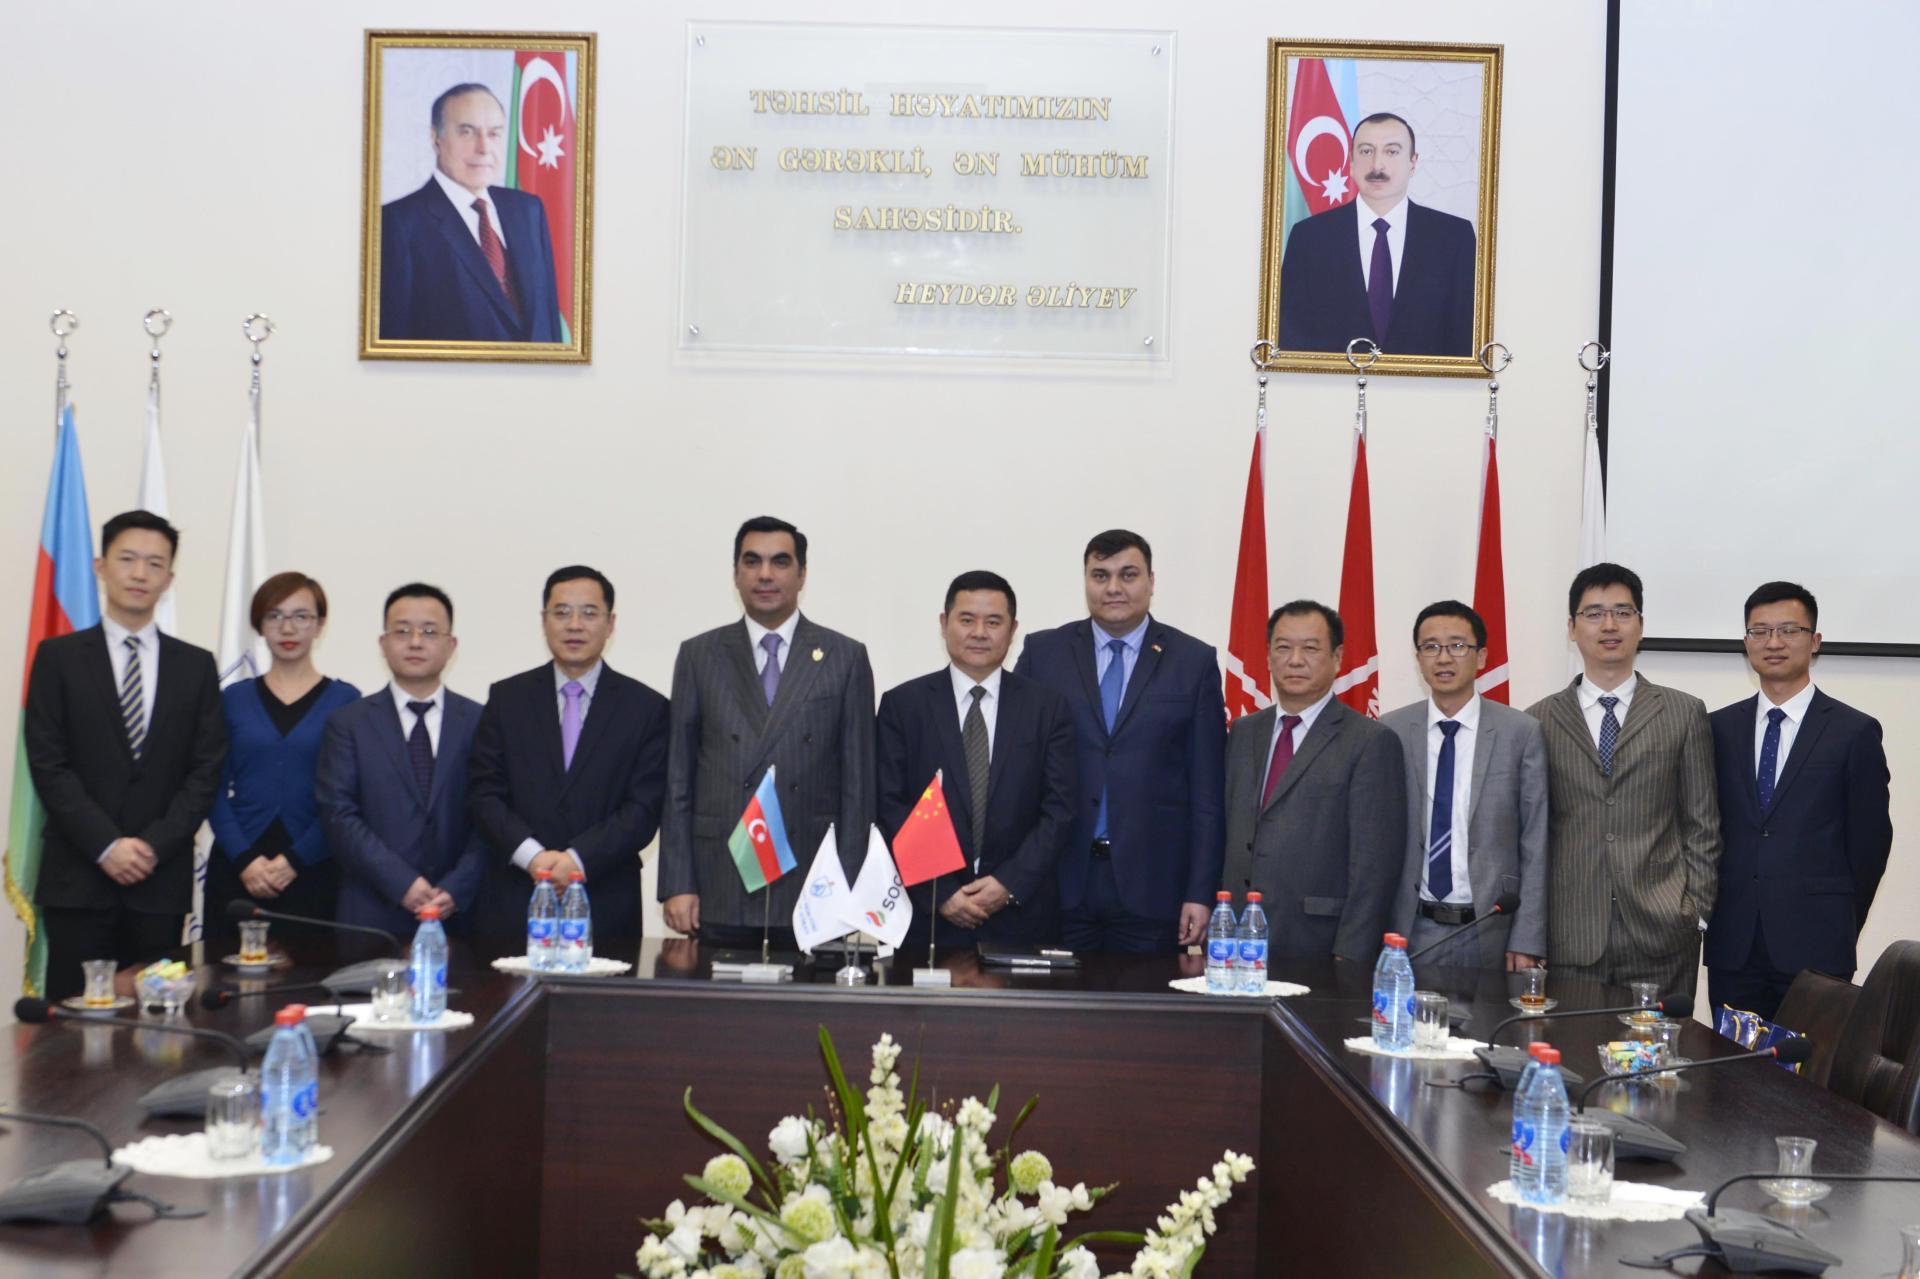 Китайская компания CMIG будет сотрудничать с Бакинской Высшей школой нефти